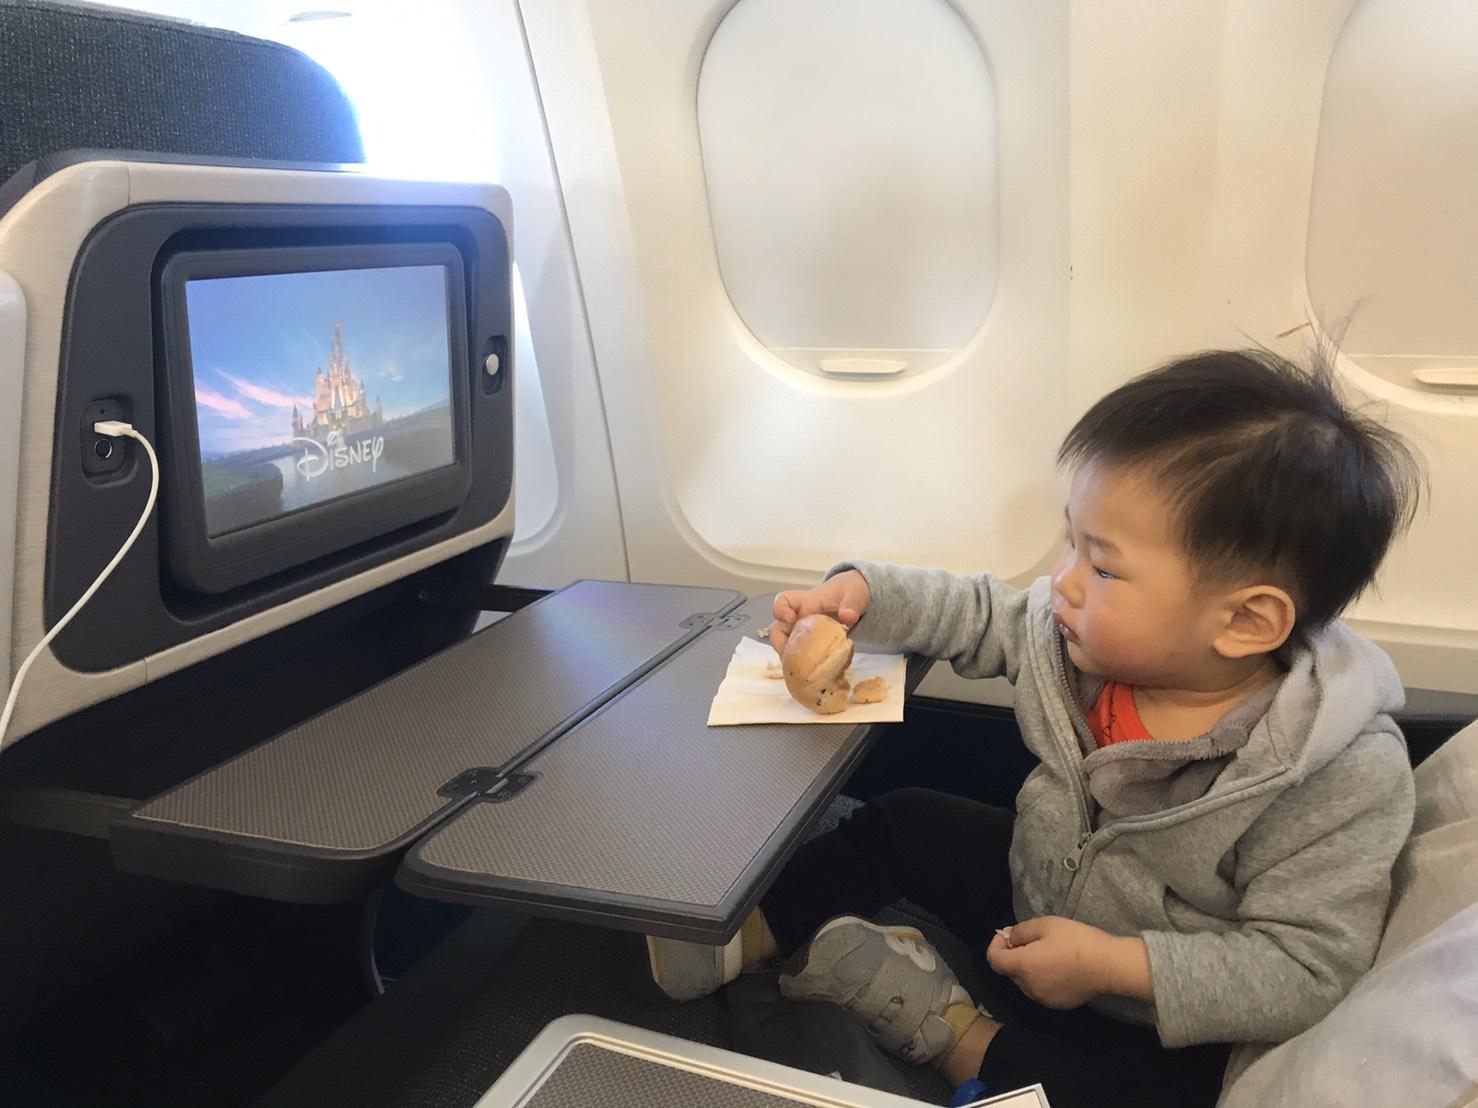 帶嬰幼兒出國注意事項,如何在CP值最高的情況下得到最好的環境與照顧